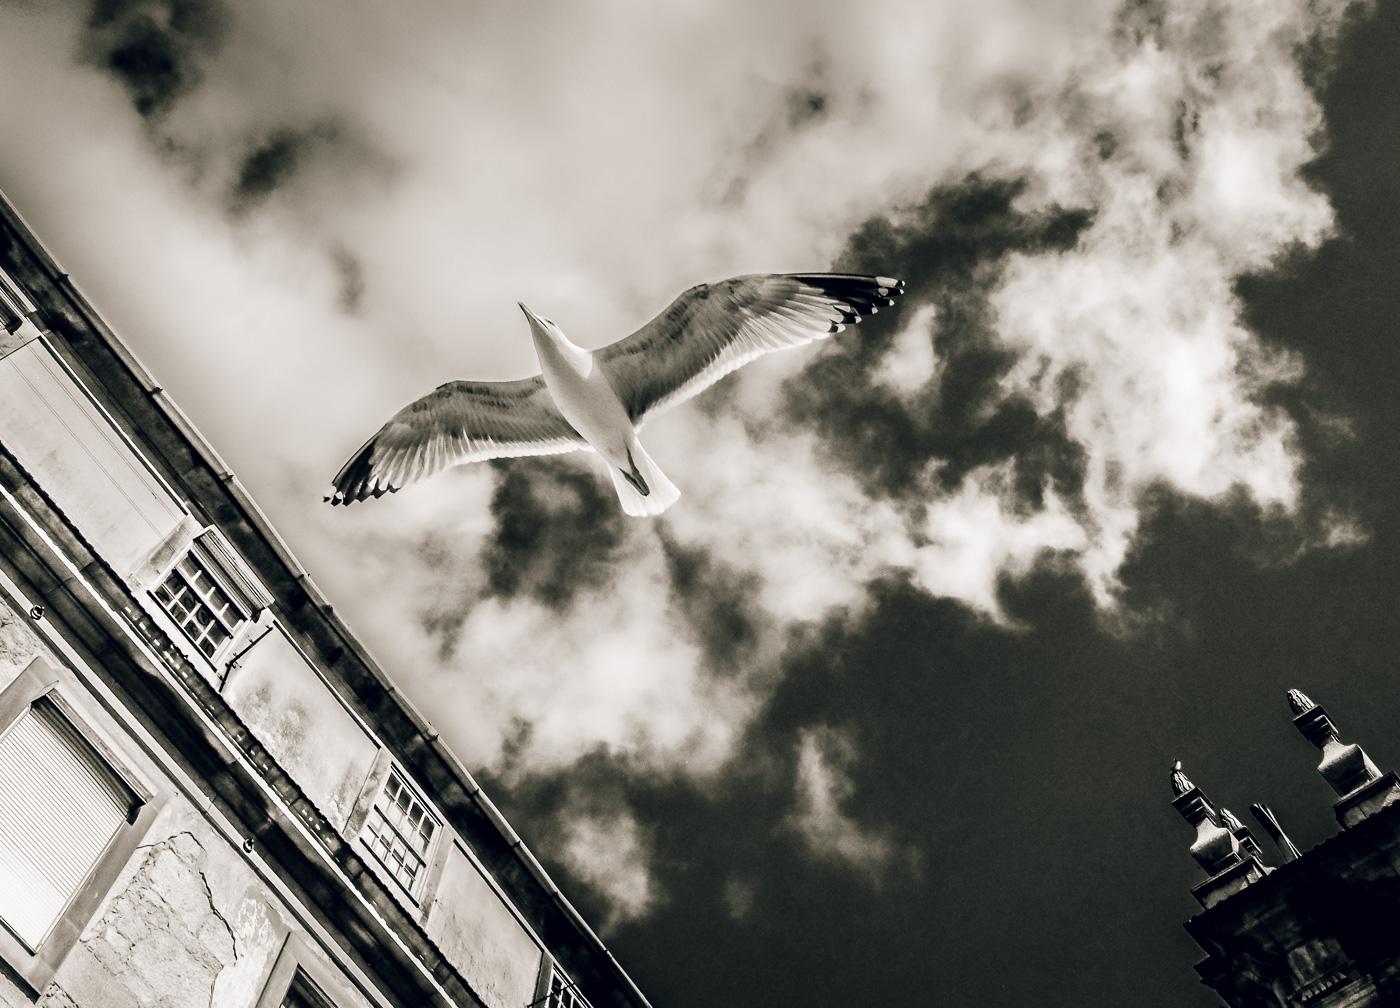 hedy bach images - Porto - b-w mem - 7